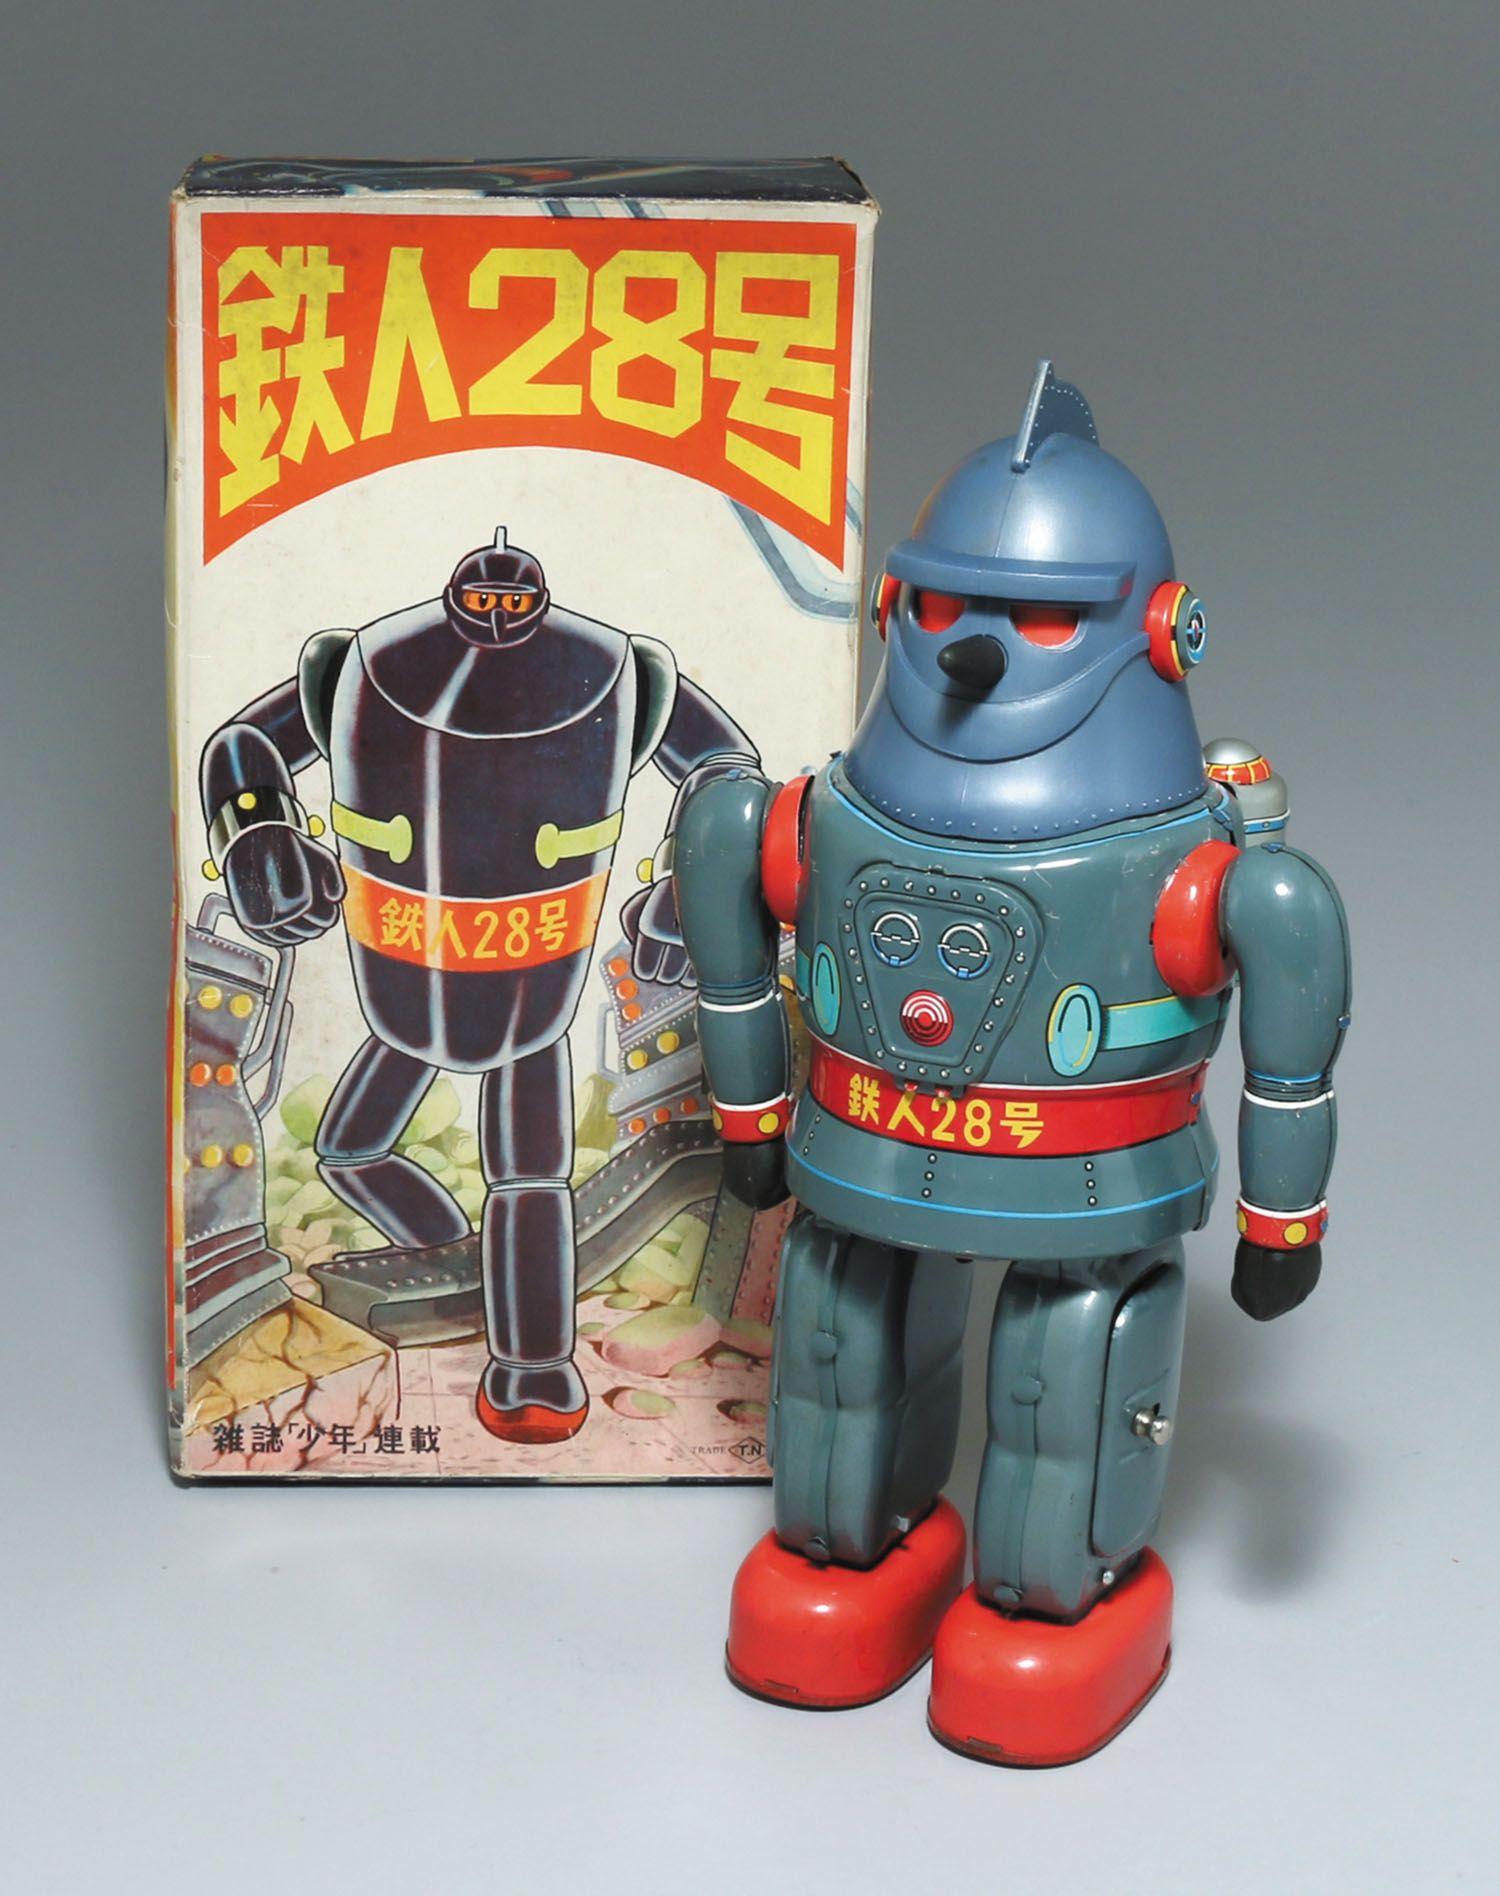 野村トーイ 日本製 鉄人28号no 2 鉄人 昭和 レトロ ポスター ロボット キャラクター